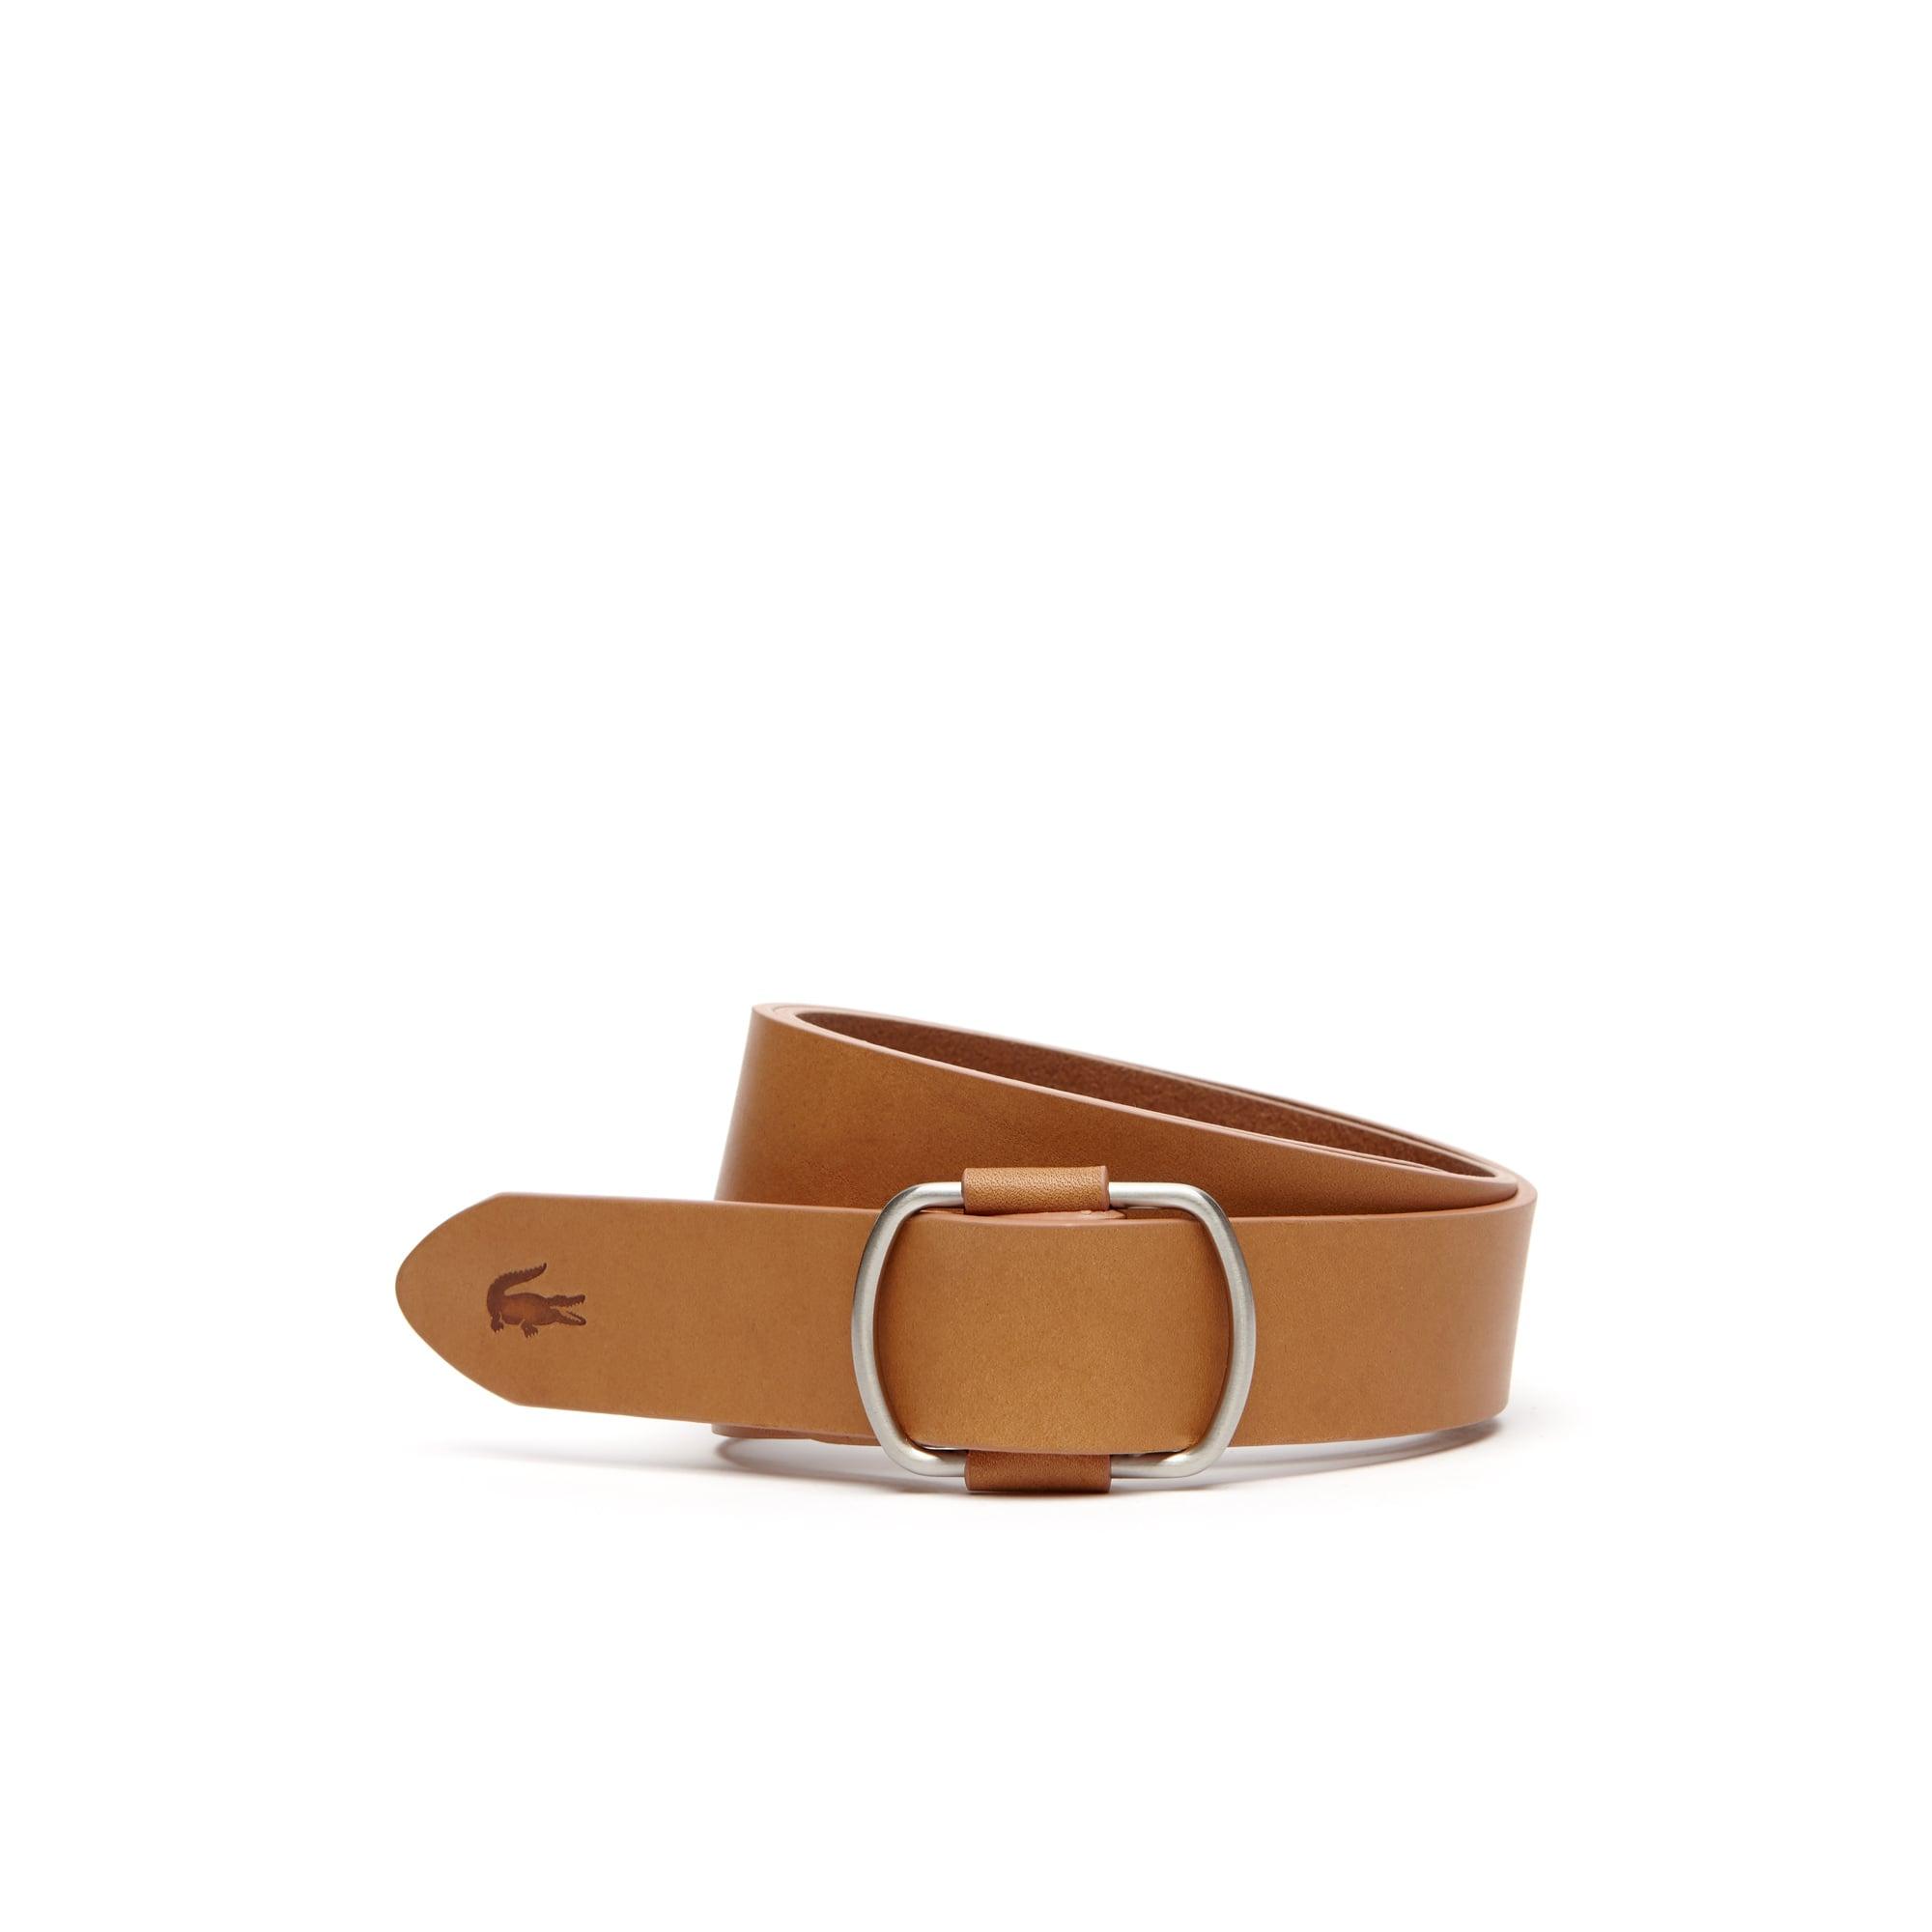 Cintura in pelle con fibbia ad anelli autoserrante